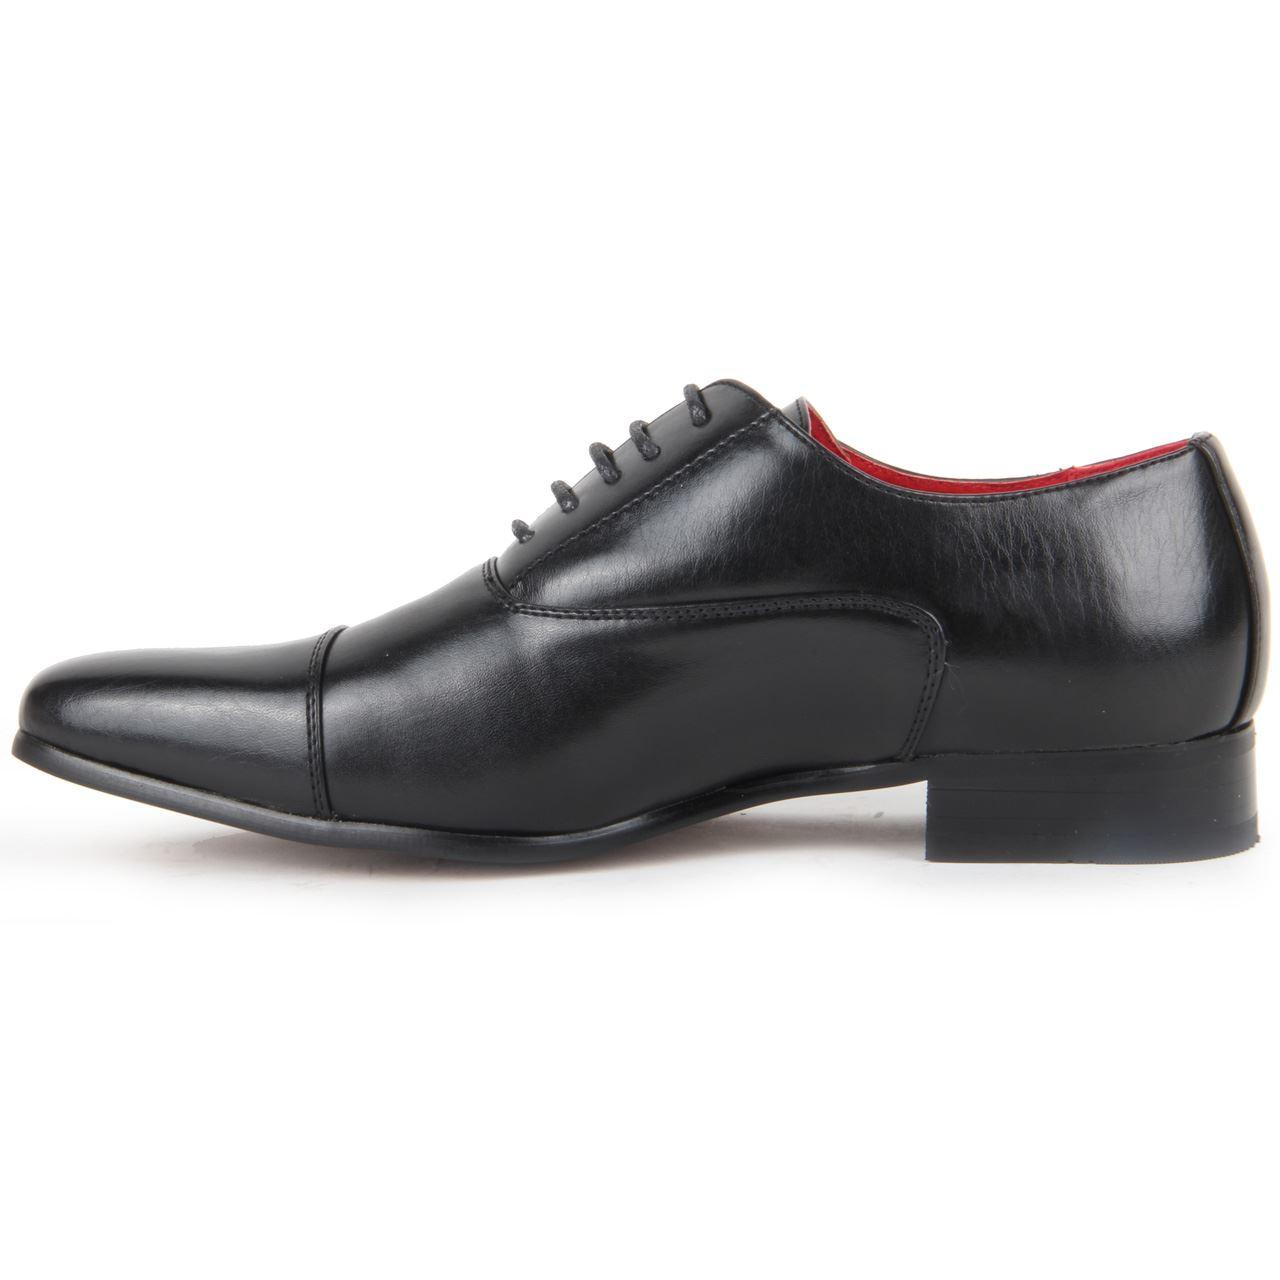 Hombres-Con-Cordones-tope-punta-piel-autentica-Ganster-Forro-Elegante-ESPECTADOR